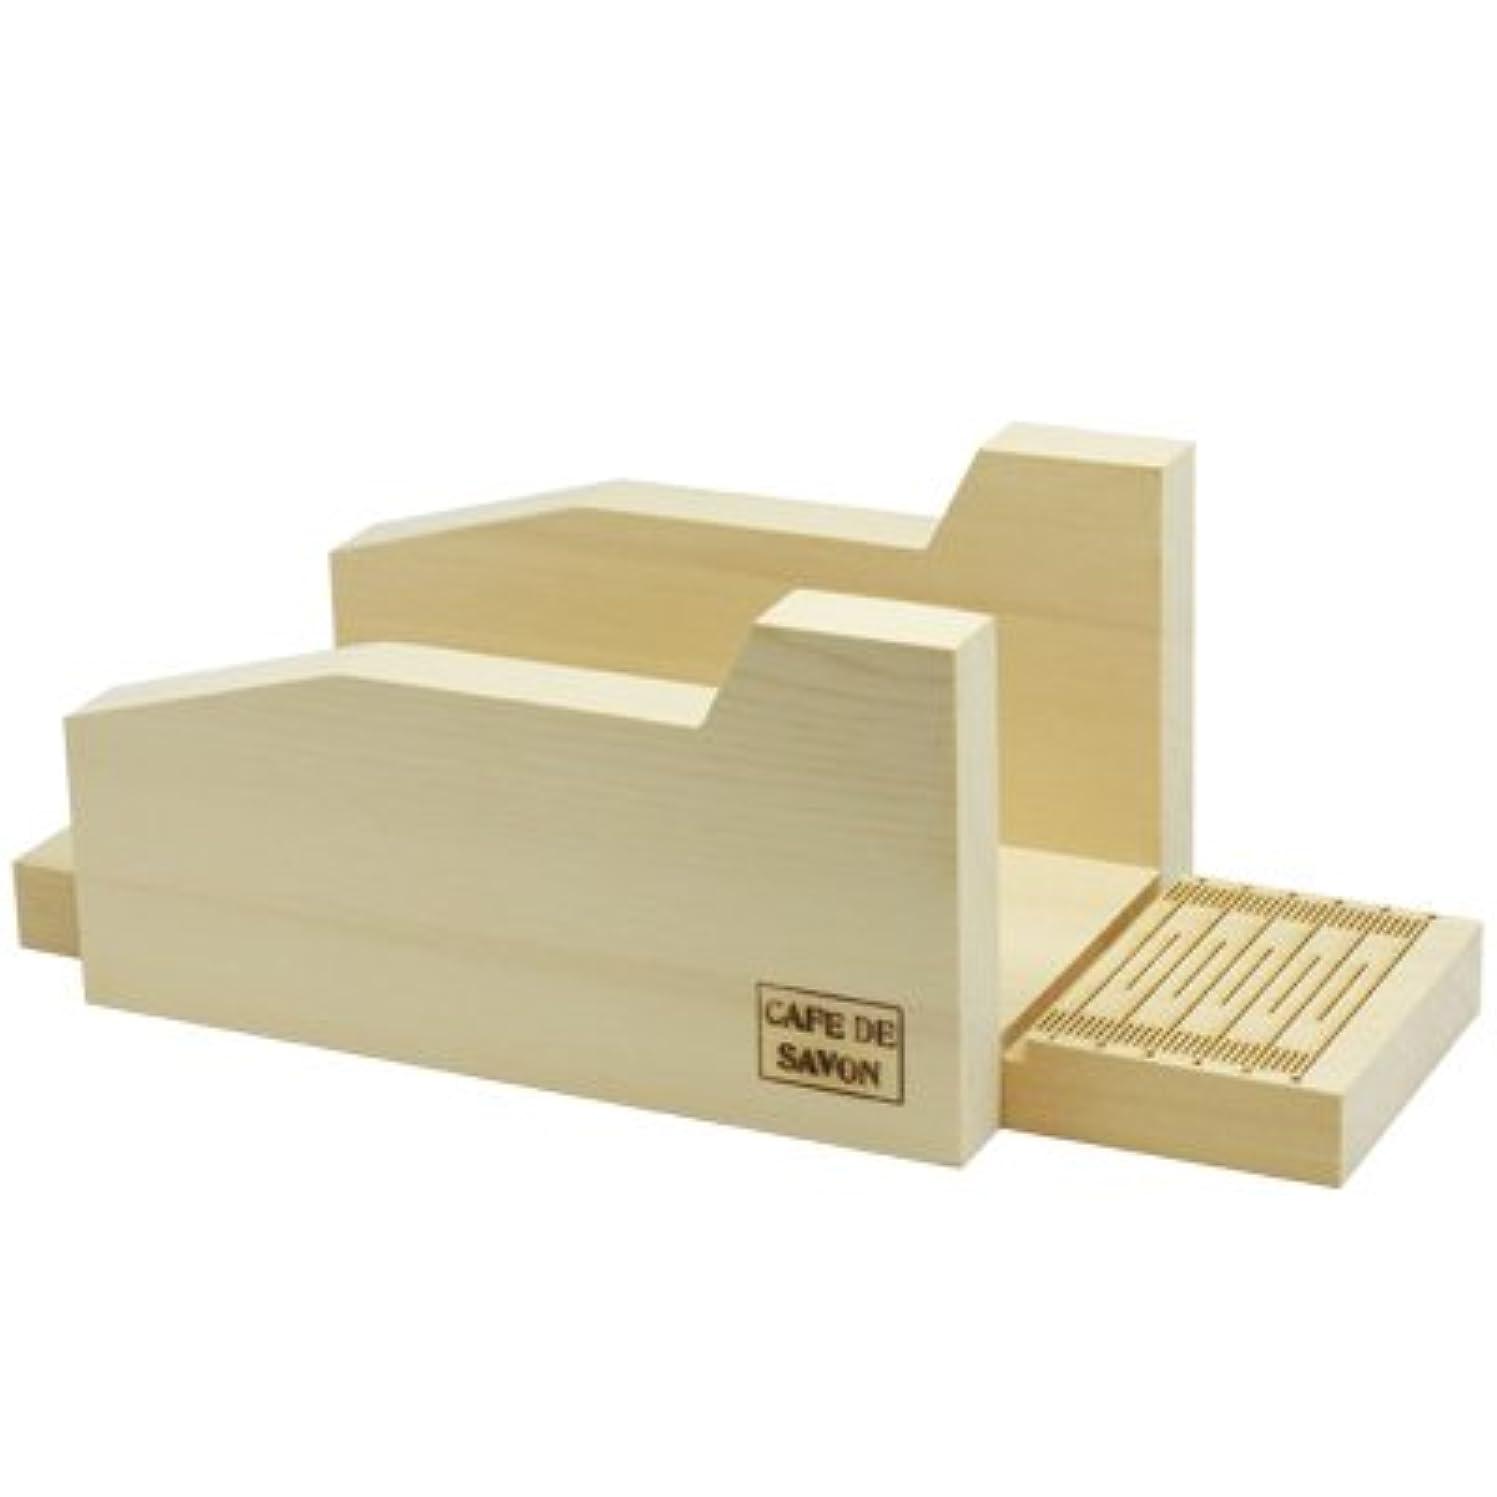 ラフ睡眠ガジュマルヘアオリジナル 木製ソープカッター台